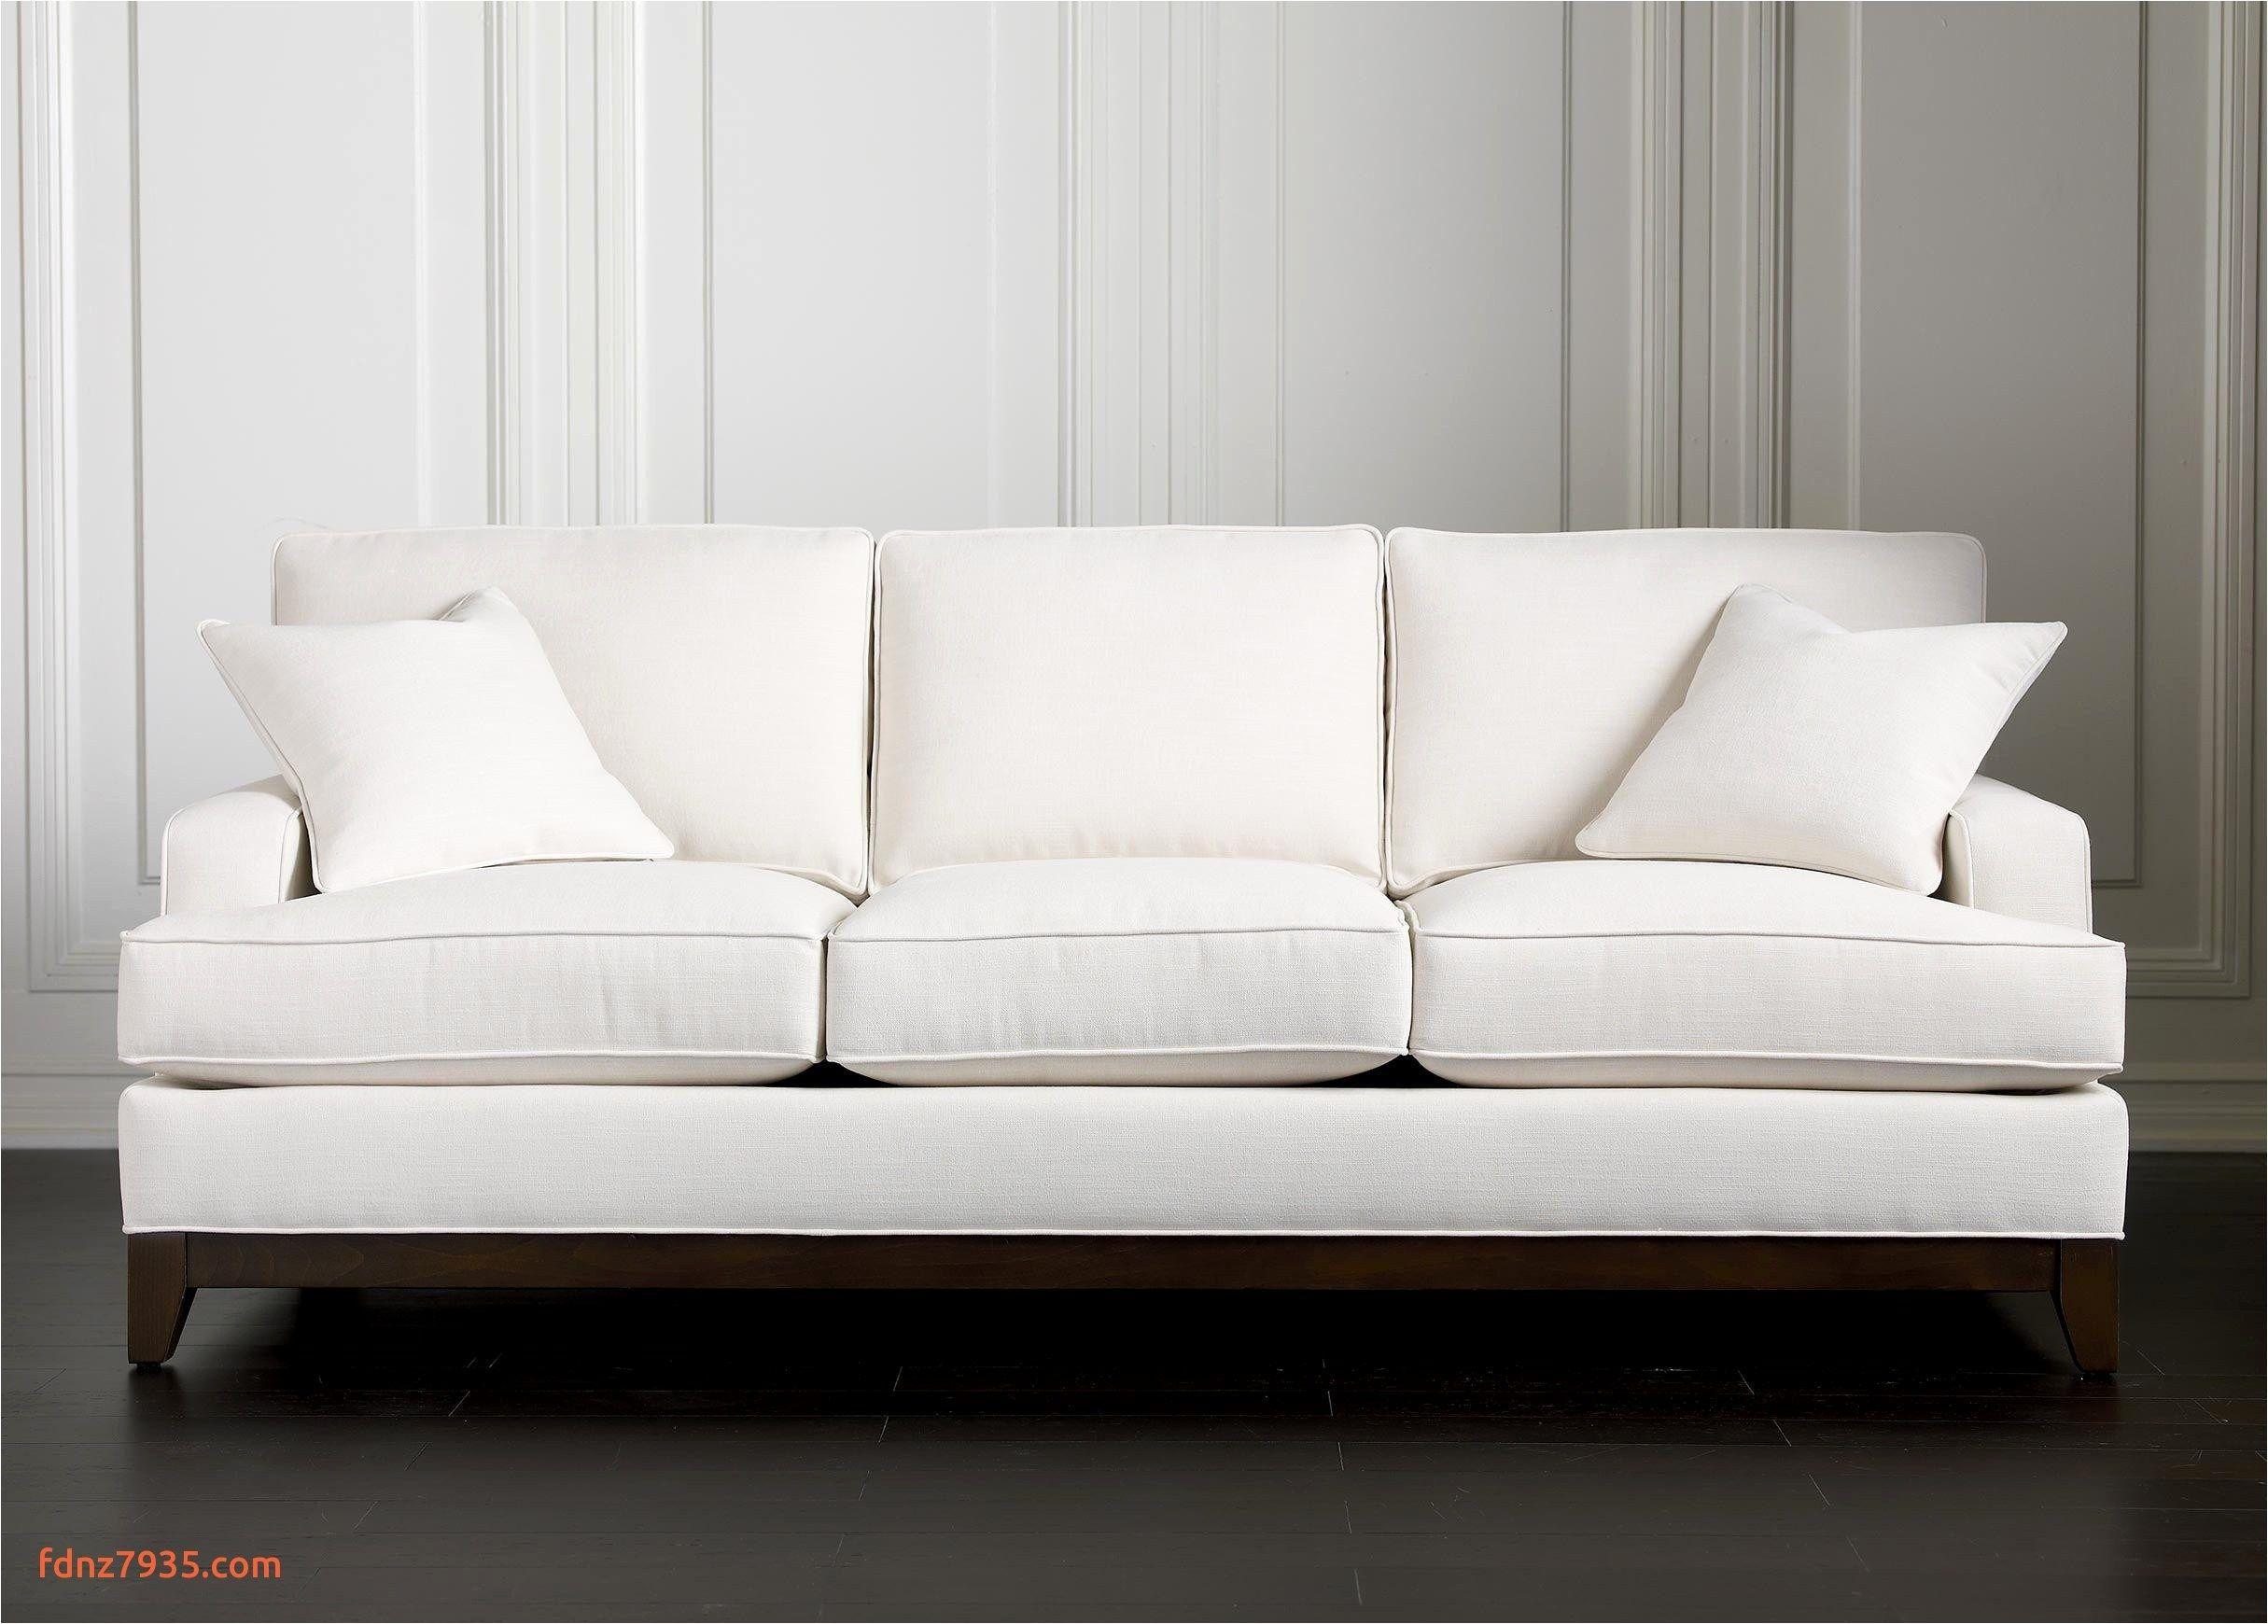 Full Size of Langes Sofa 29 Best Of Extra Mit Chaiselongue 2 Sitzer Stilecht Big Günstig Englisch Esstisch Modulares Stressless Türkische Ohne Lehne Blau Benz Leder Braun Sofa Langes Sofa